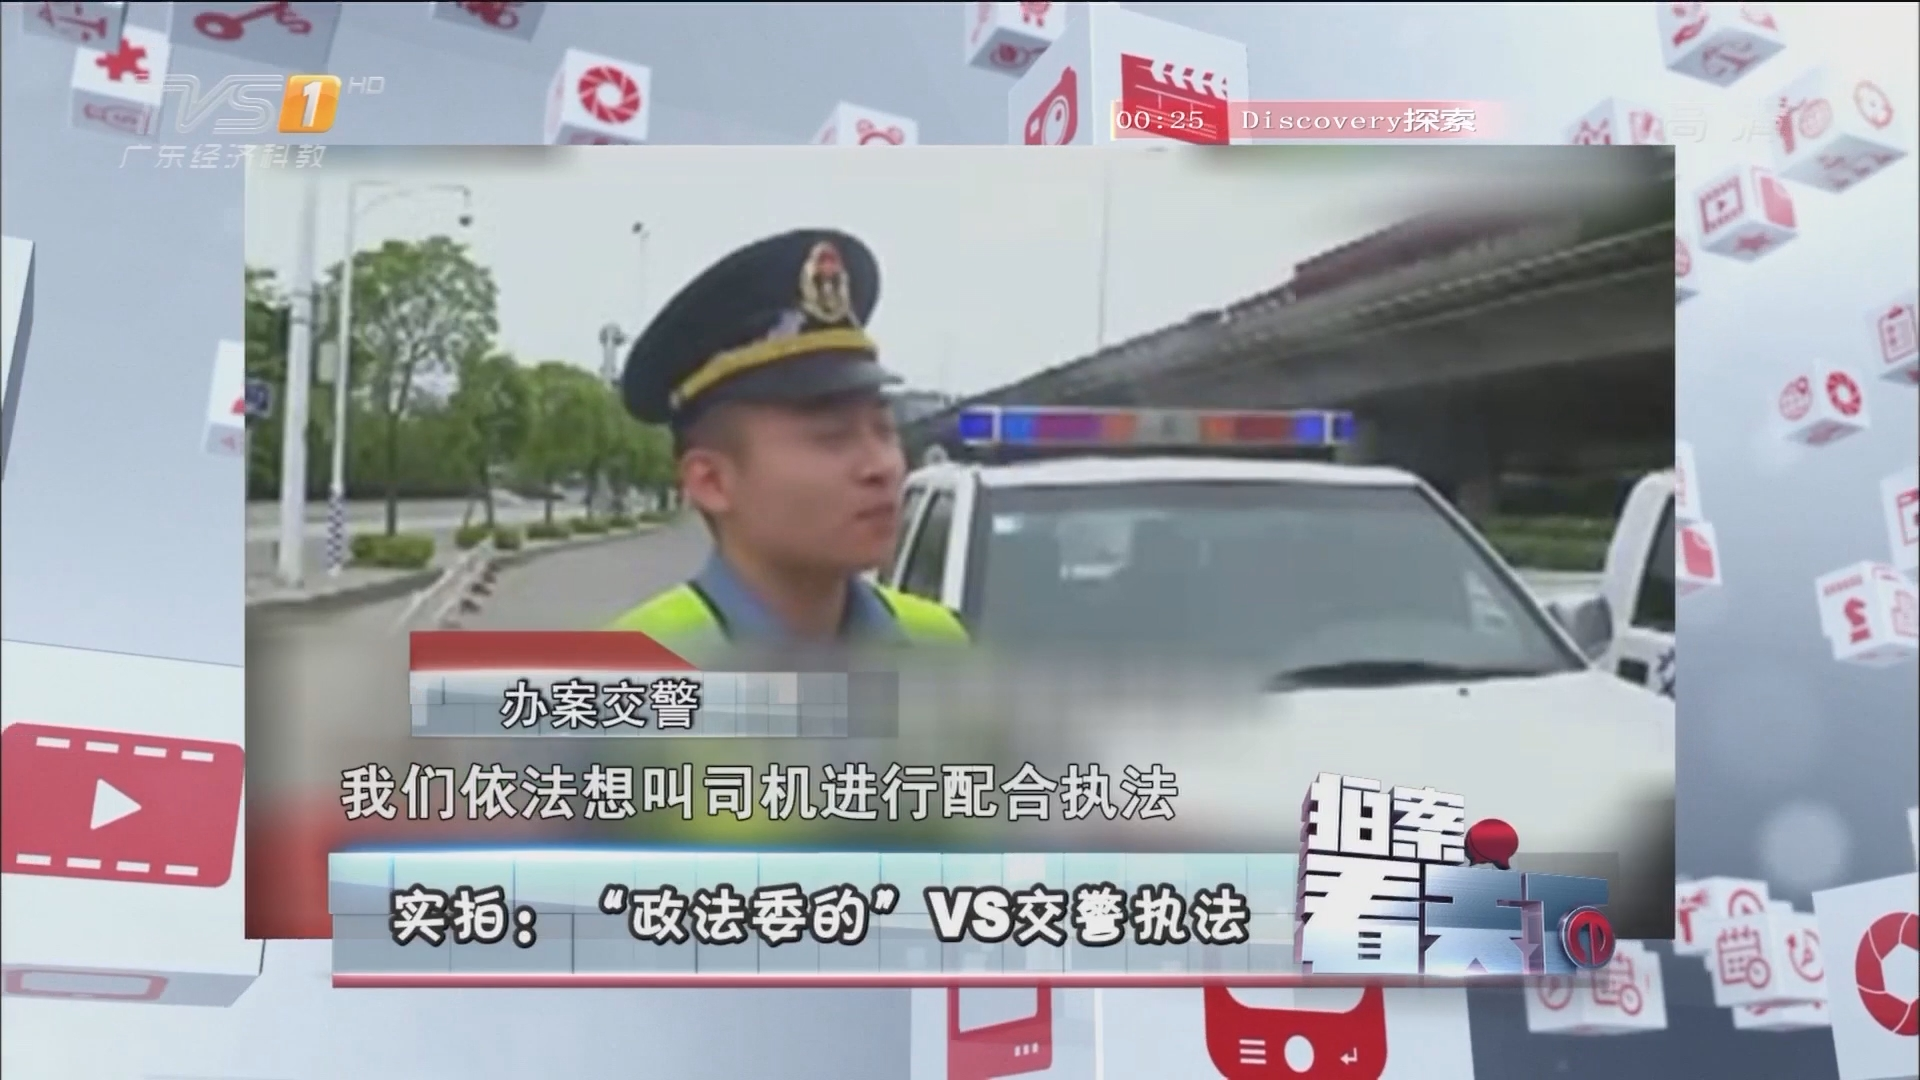 """实拍:""""政法委的""""VS交警执法"""